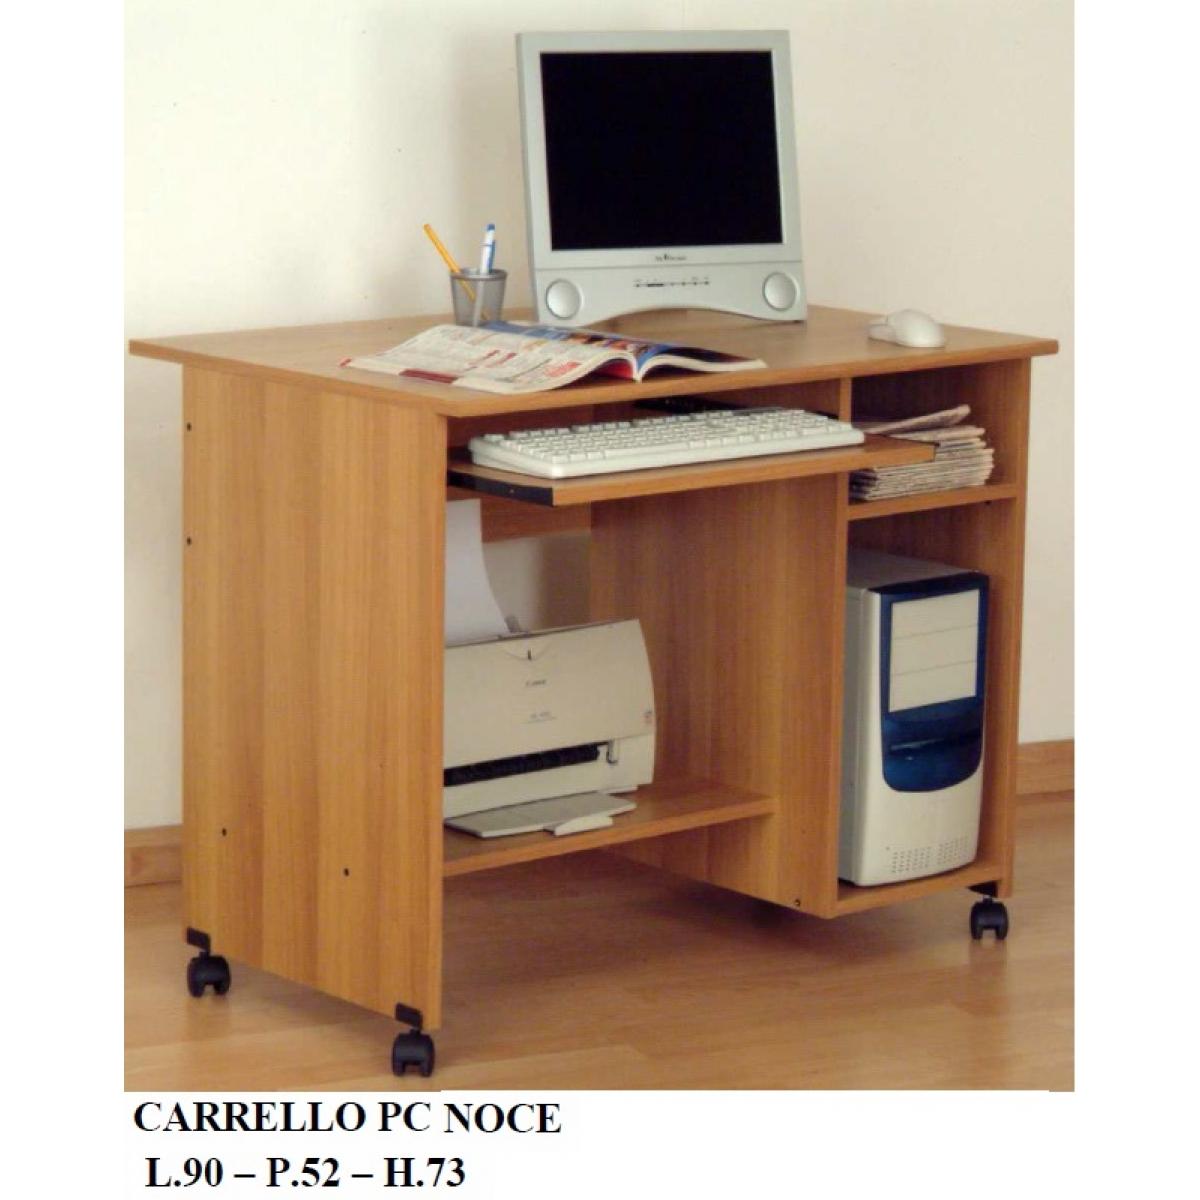 099 scrivania carrello porta tv - Carrello porta tv meliconi ...